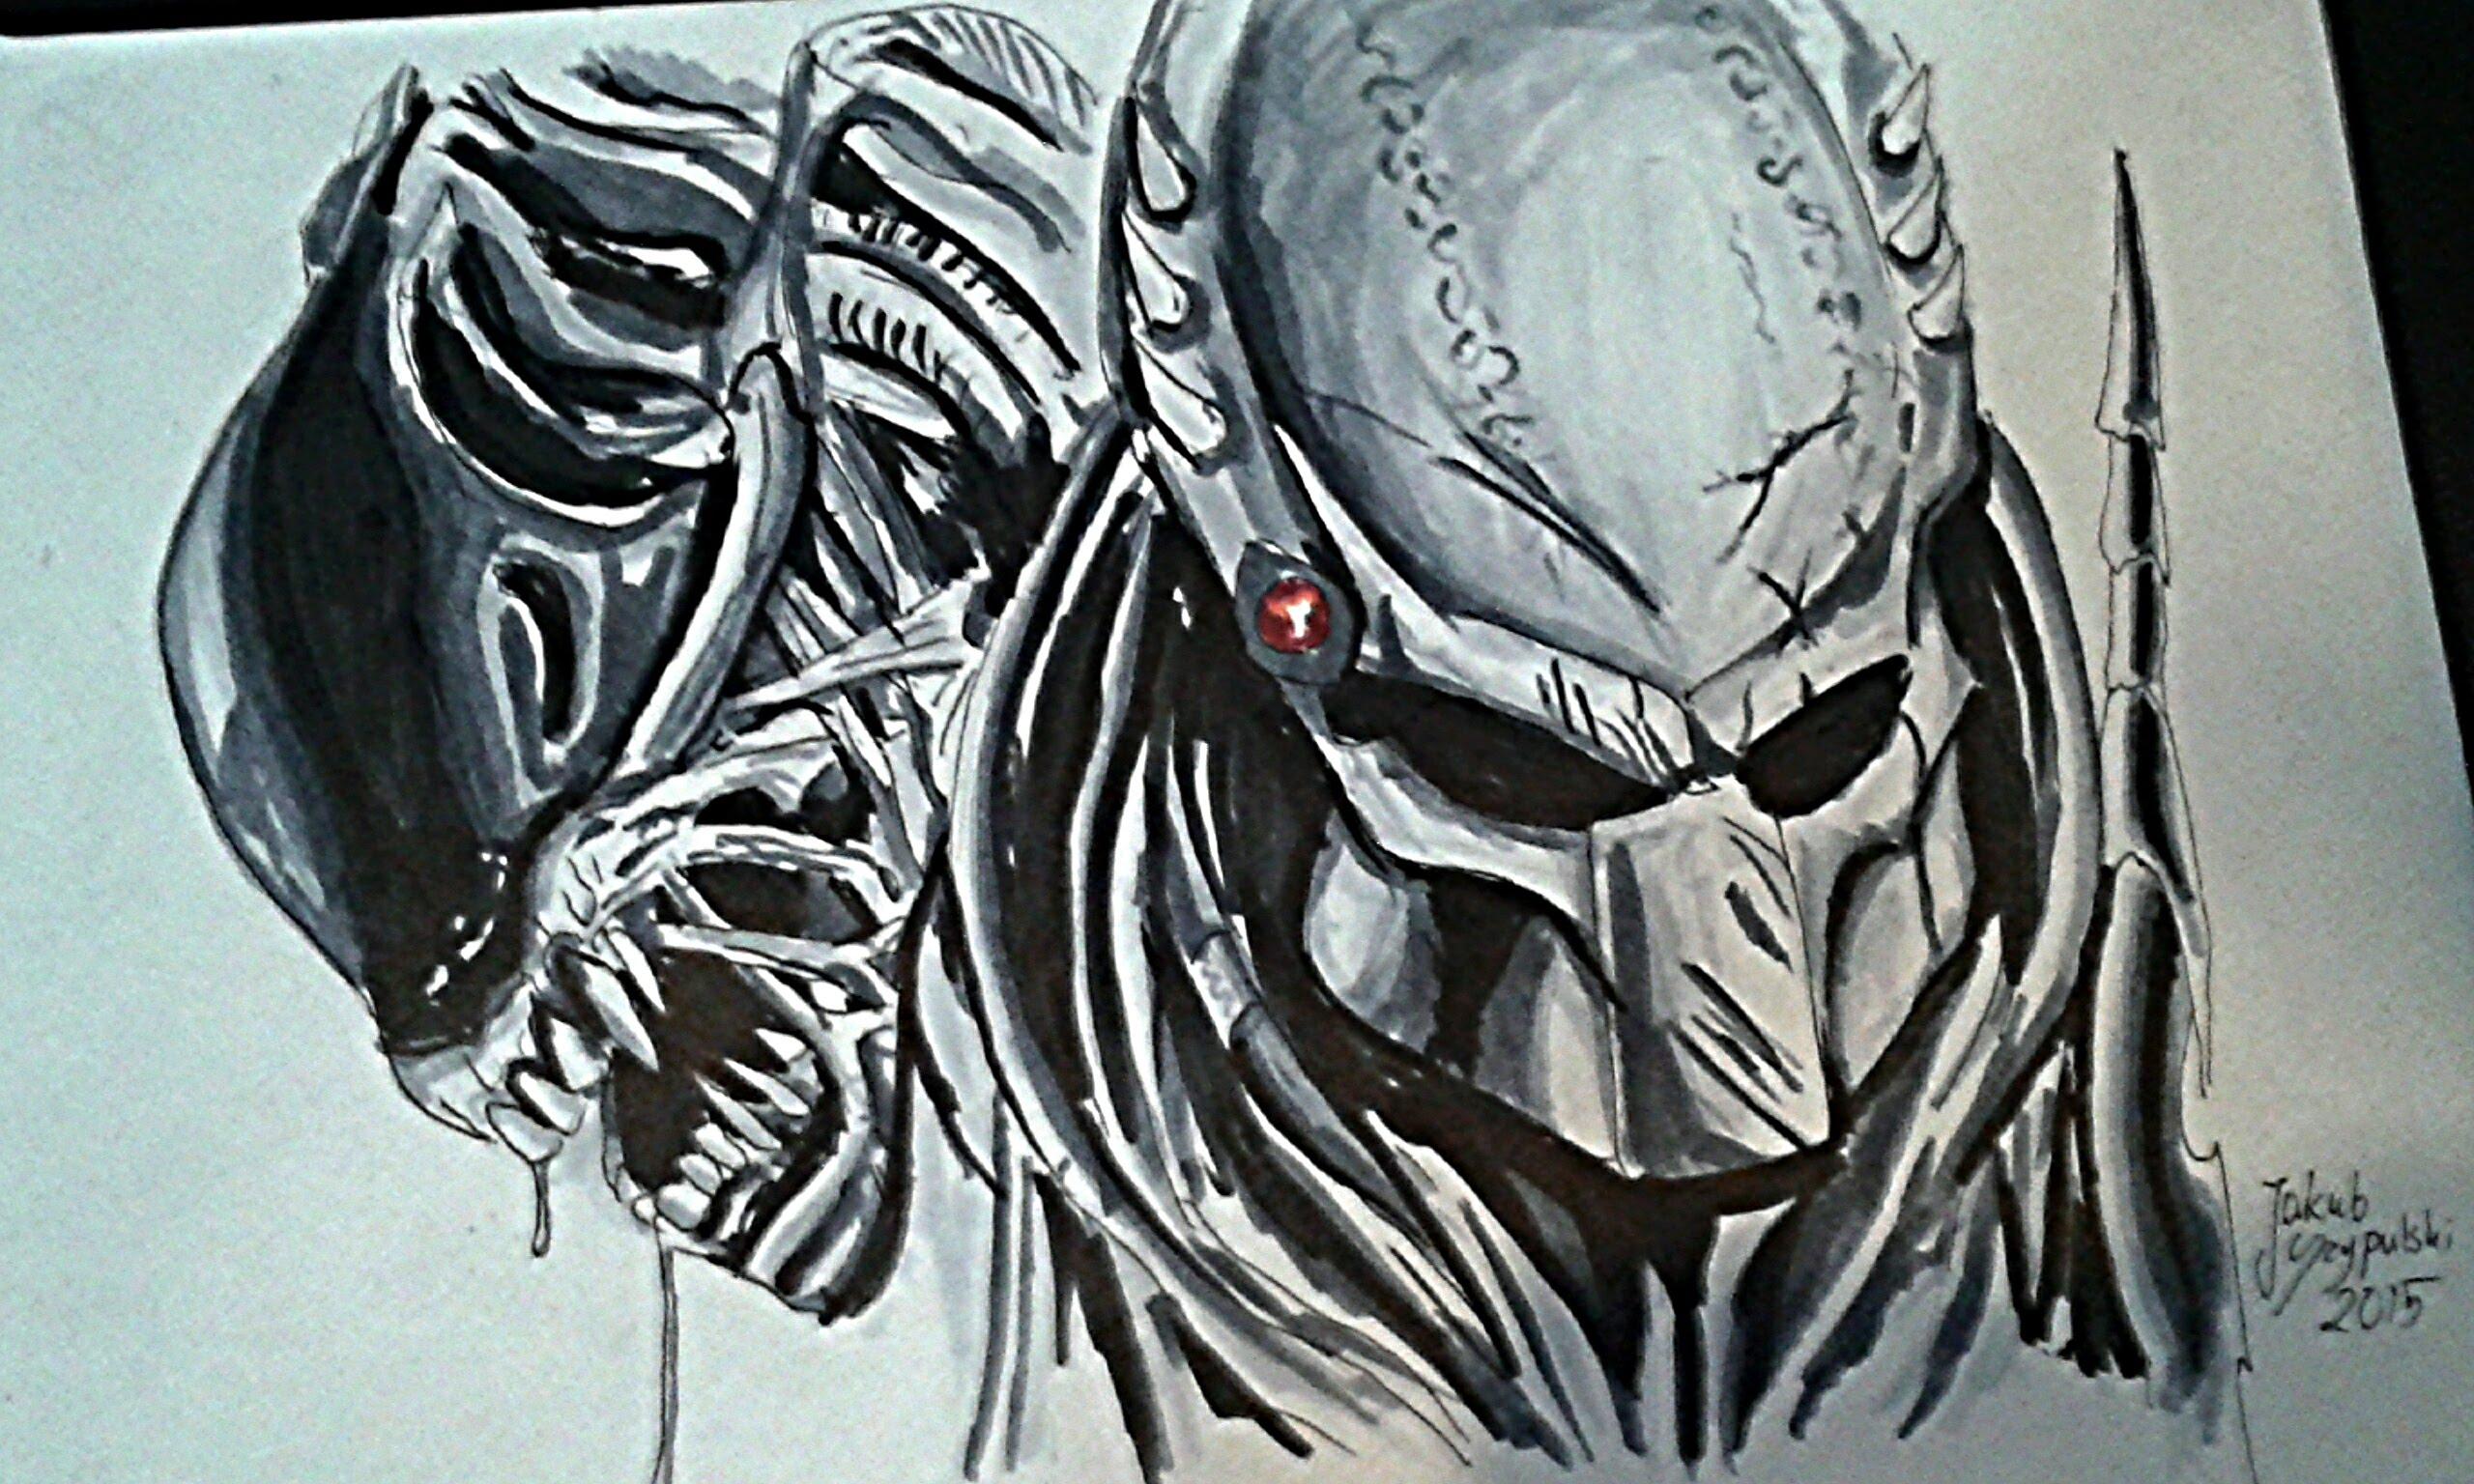 Drawn predator alien vs predator Alien vs [ speed drawing